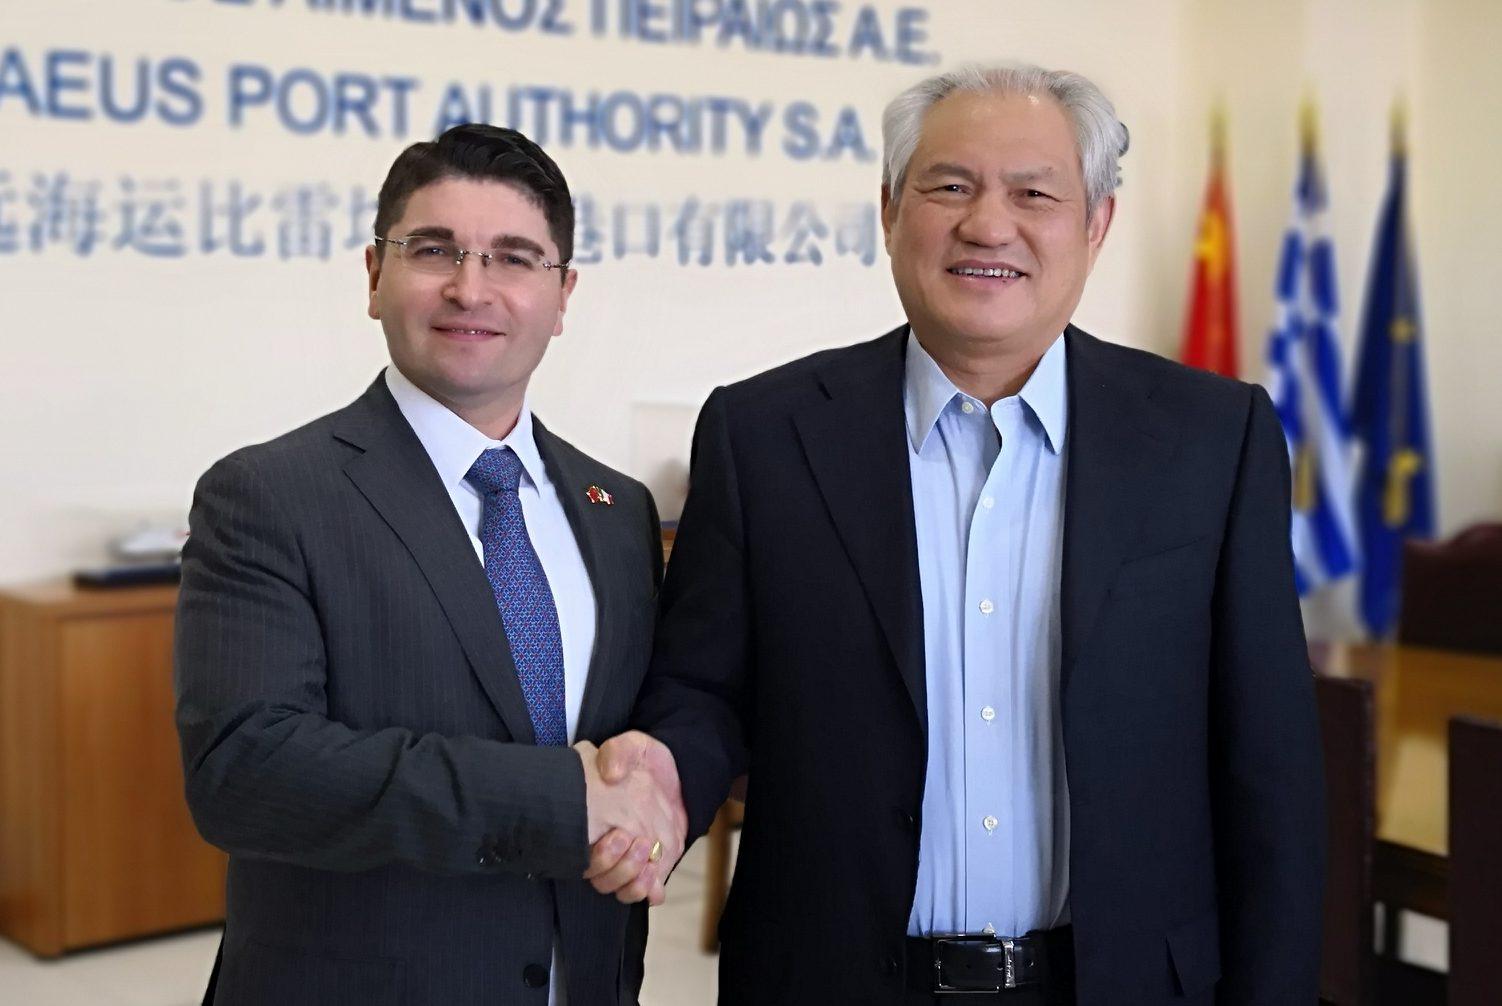 Memorandum siglato da Pino Musolino, e il CEO dell'Autorità Portuale del Pireo, Capitano Fu Chengqiu